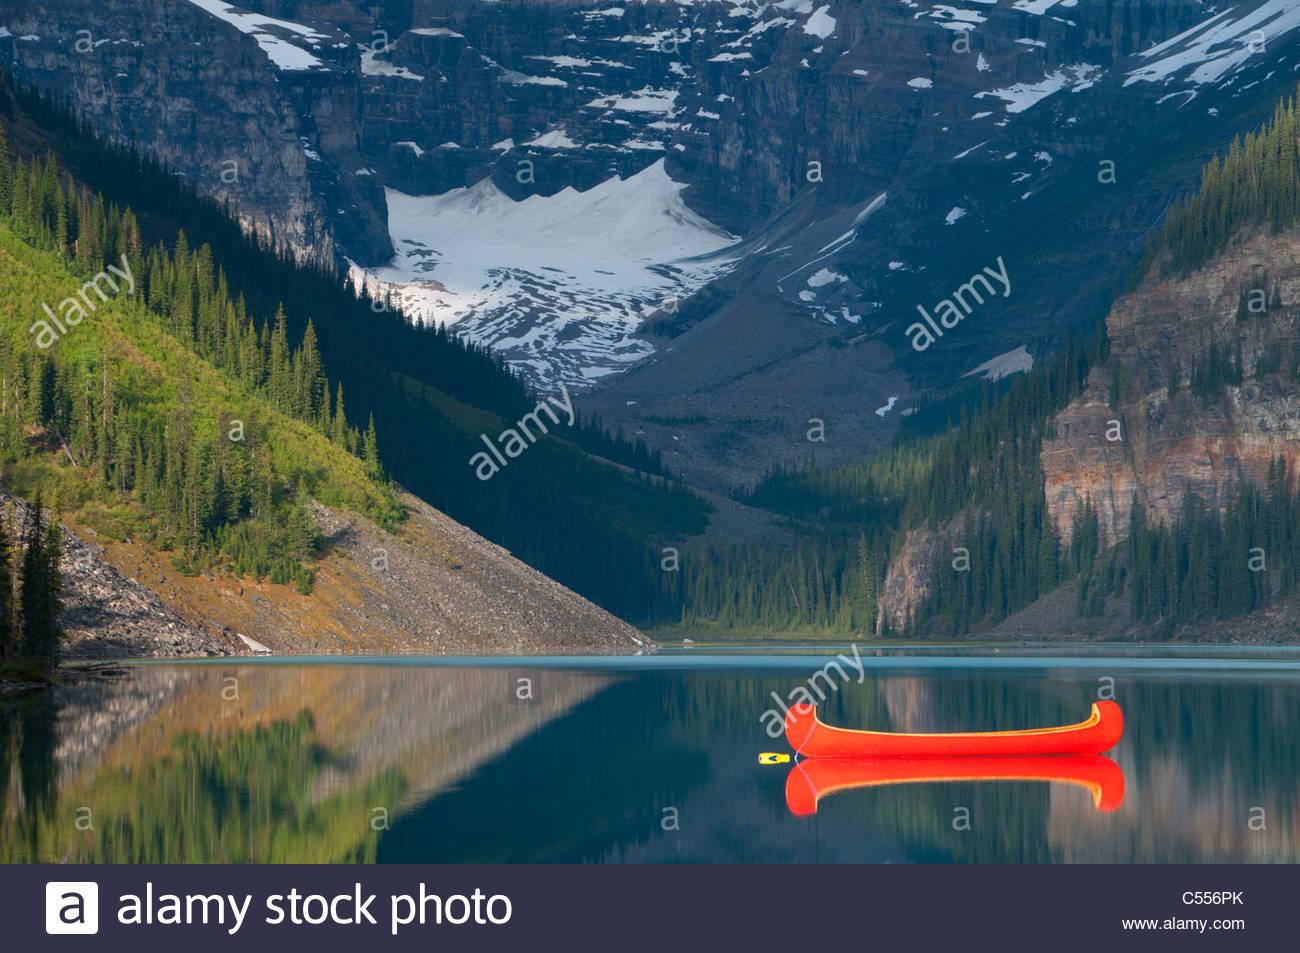 Vermelho de canoa no lago, Lago Louise, Parque Nacional de Banff, Alberta, Canadá Imagens de Stock